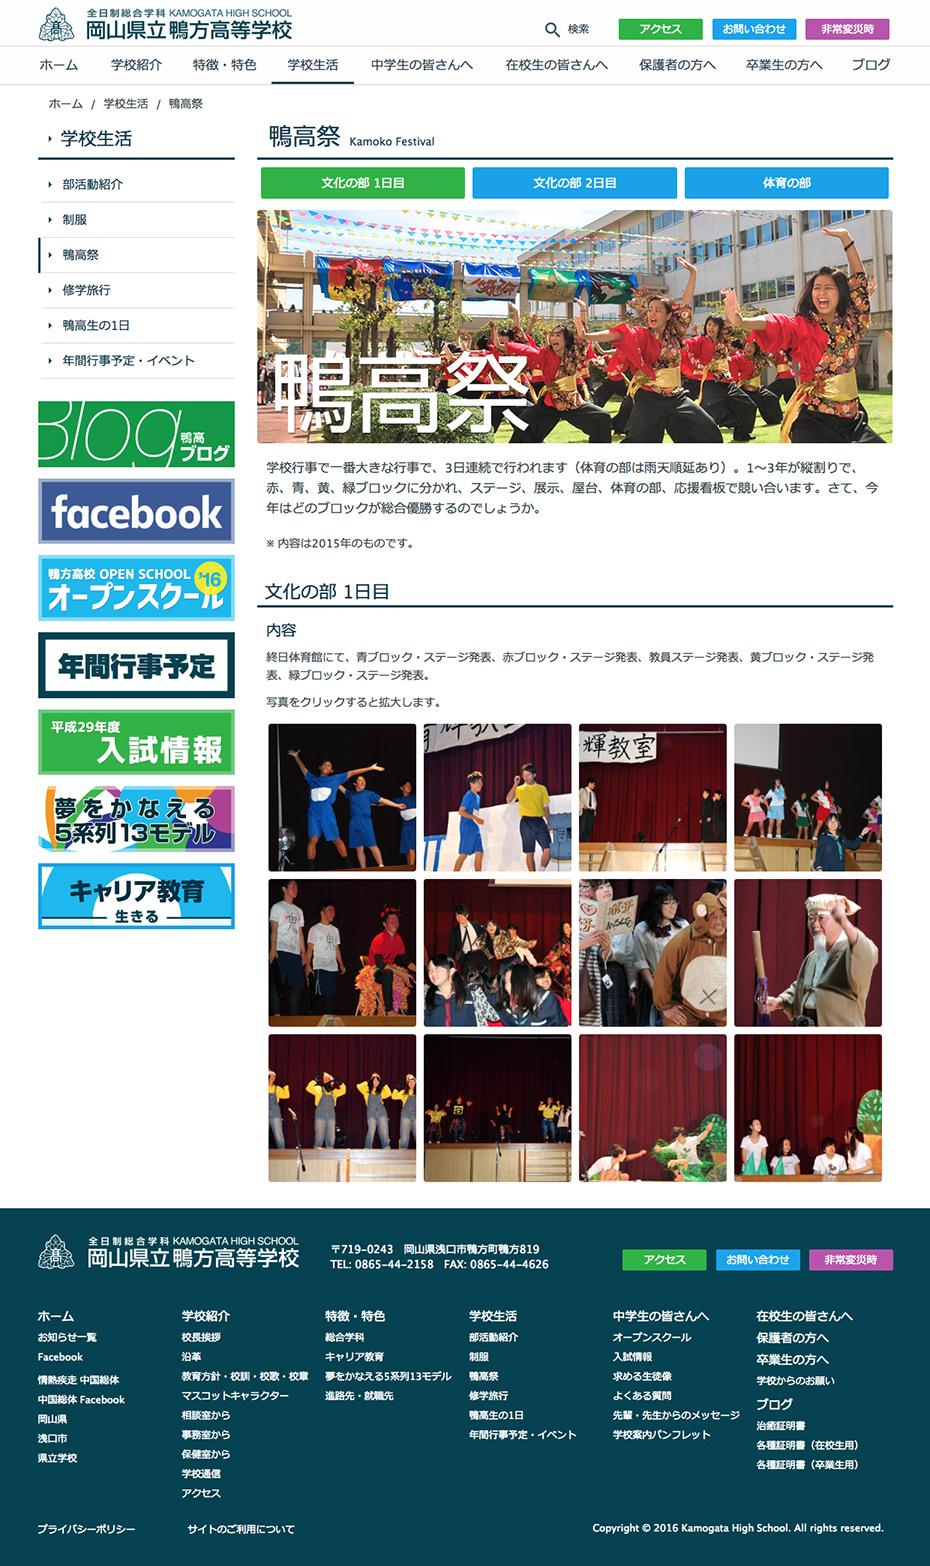 岡山県立鴨方高等学校様 ホームページ 鴨高祭